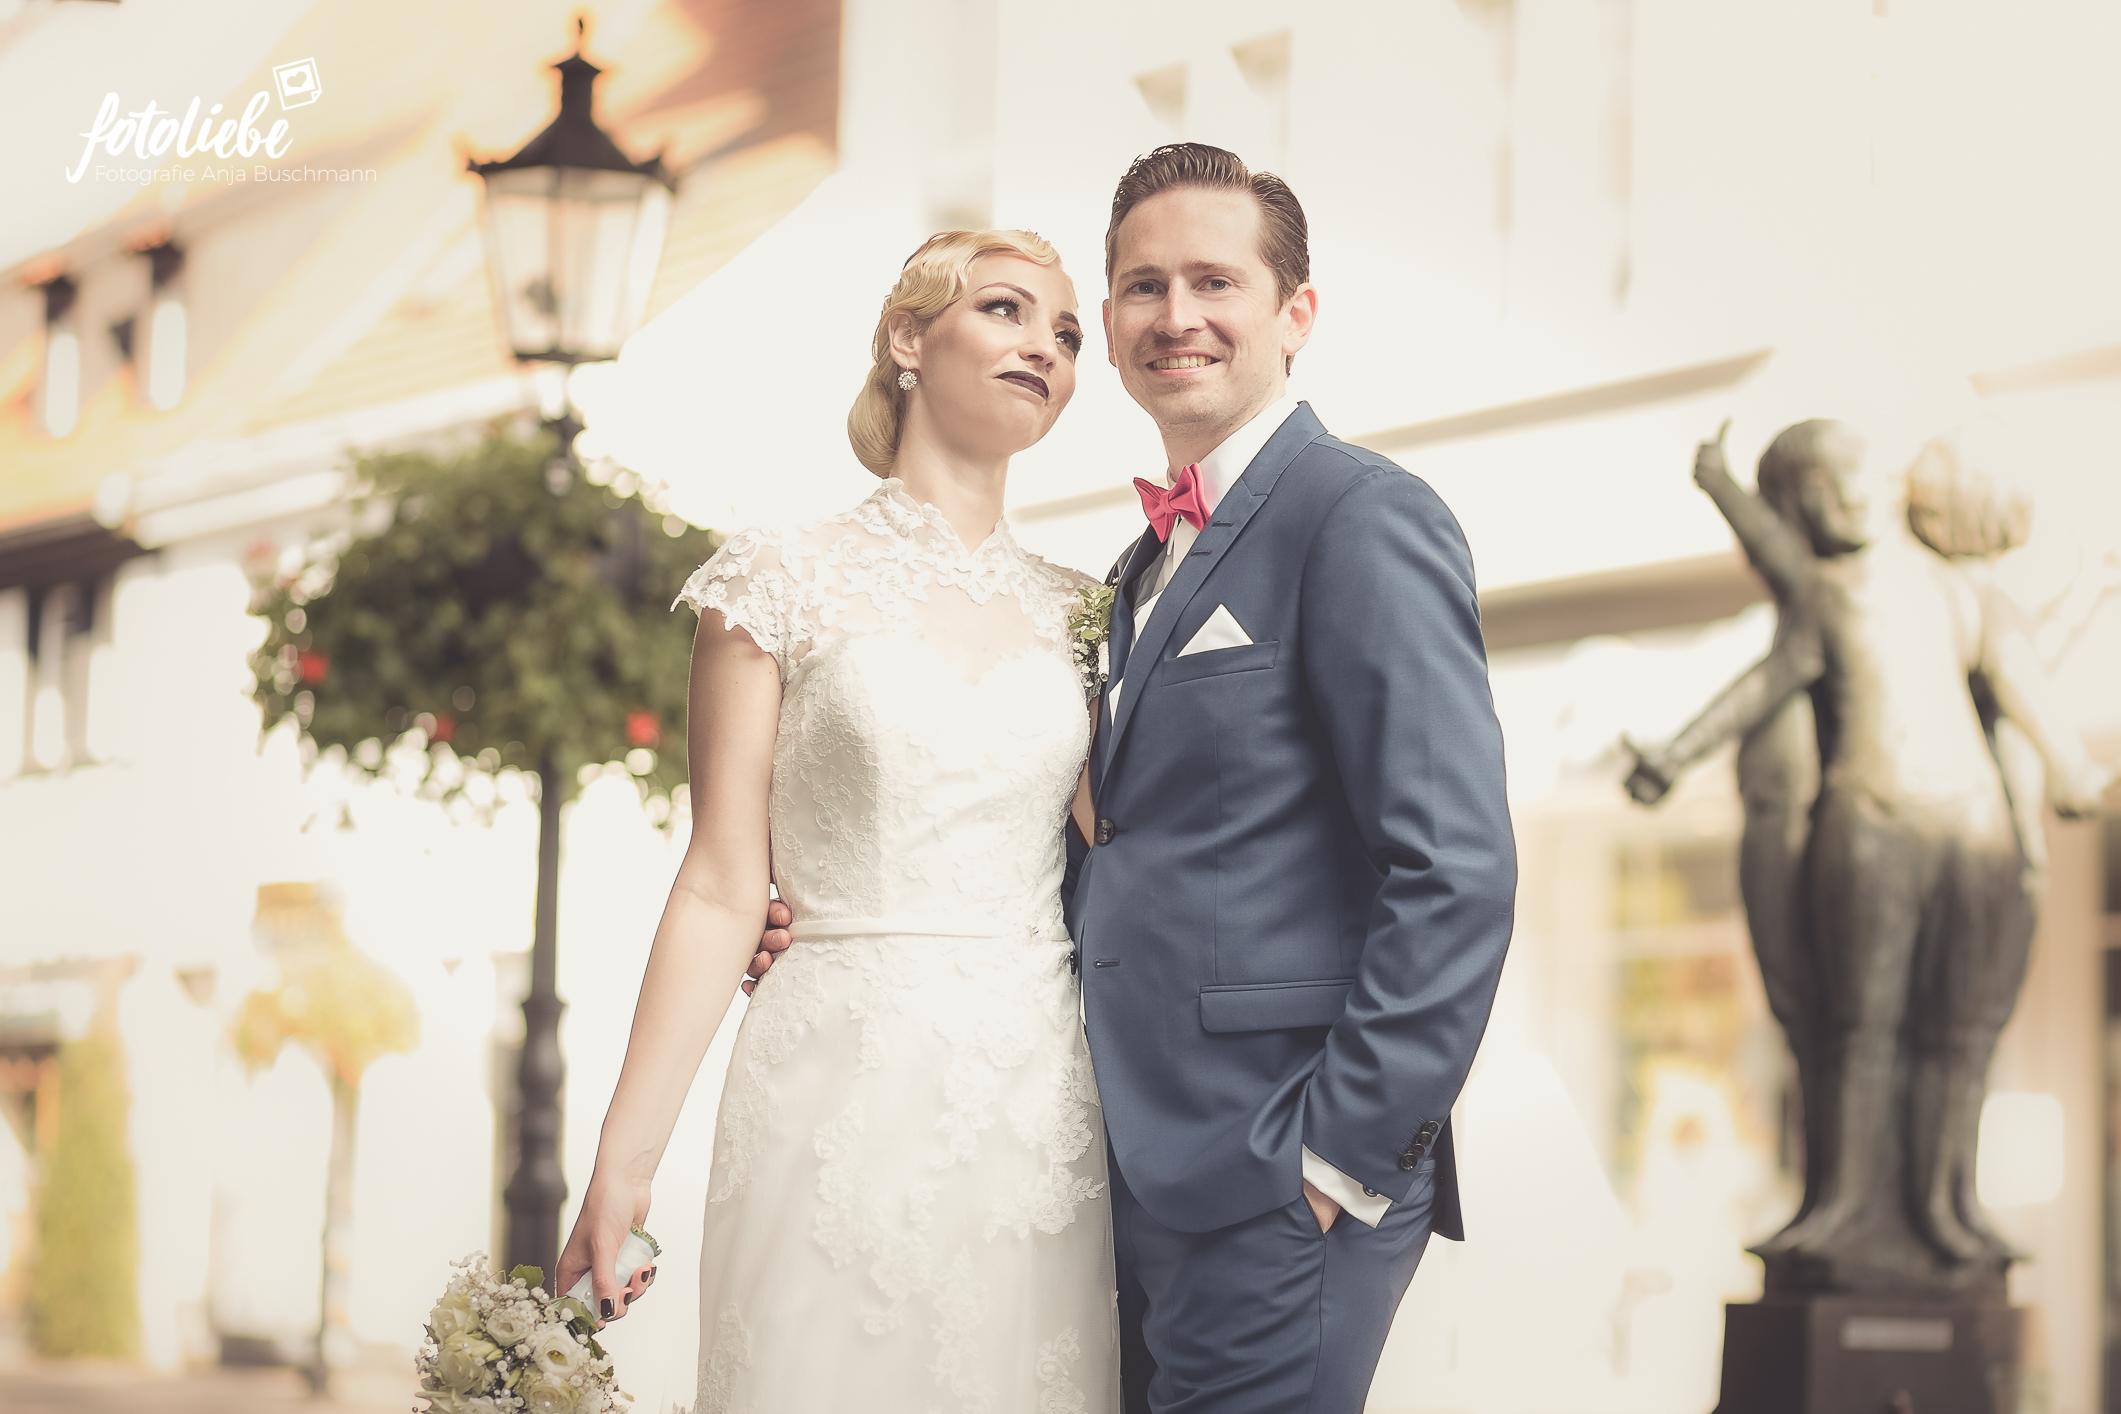 Fotoliebe-Hochzeit-Ratingen-Brautpaar-MikaTobi_004